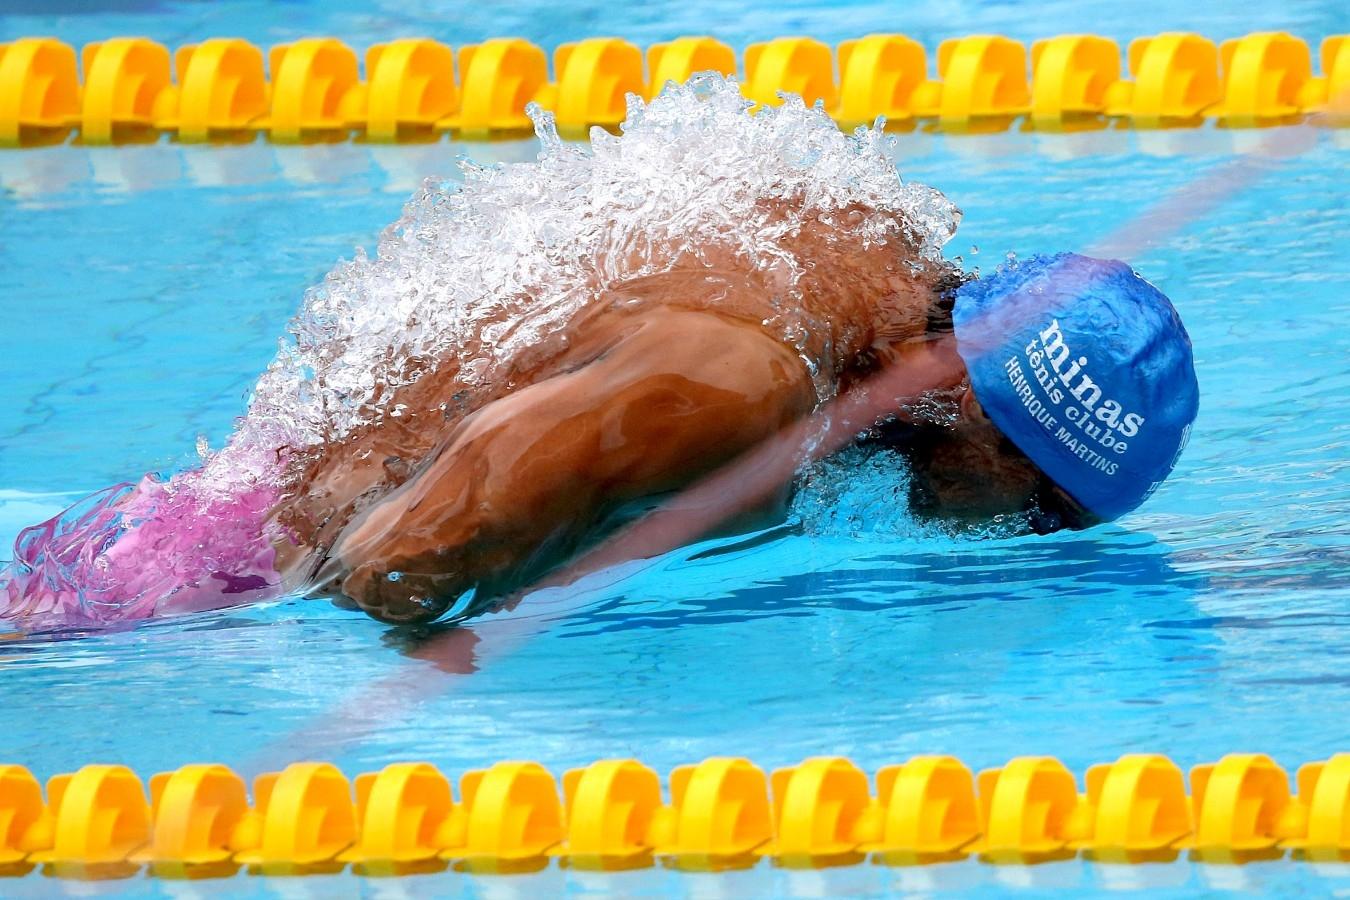 Henrique Martins. Trofeu Maria Lenk. Parque Aquatico Maria Lenk. 05 de Maio de 2017, Rio de Janeiro, RJ, Brasil. Foto: Satiro Sodré/SSPress/CBDA